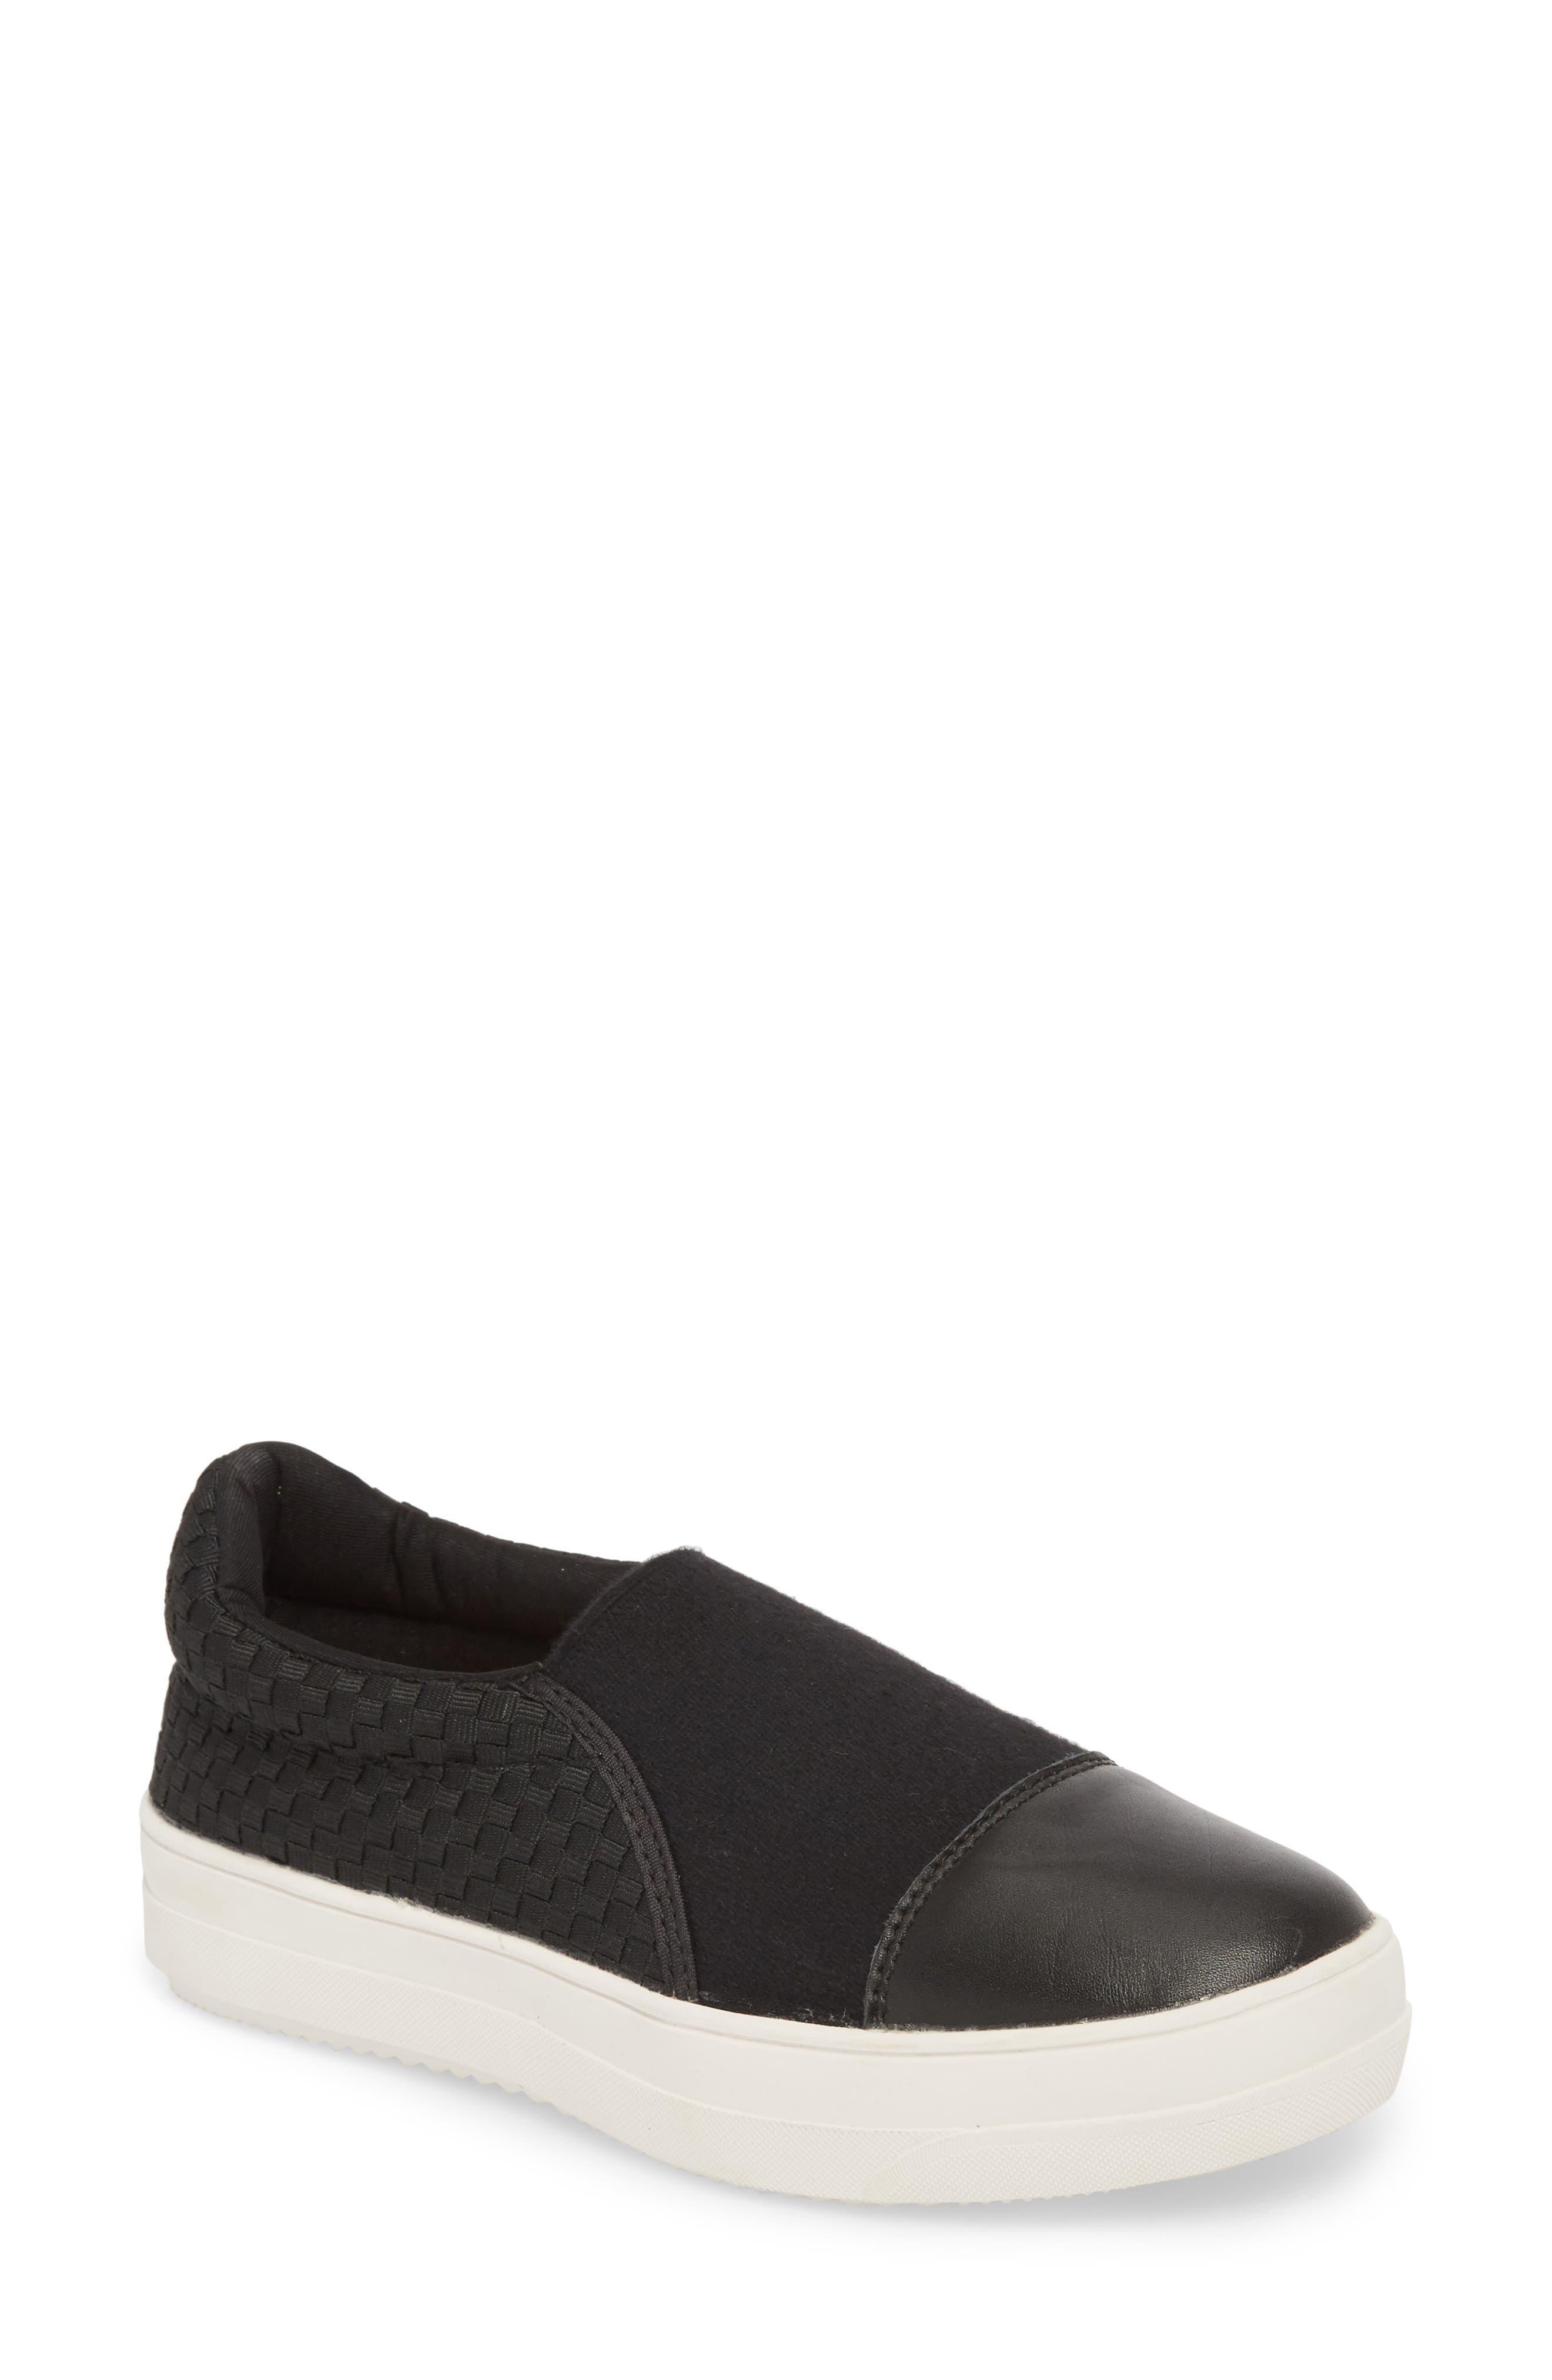 Bernie Mev. Dynasty Sneaker, Black